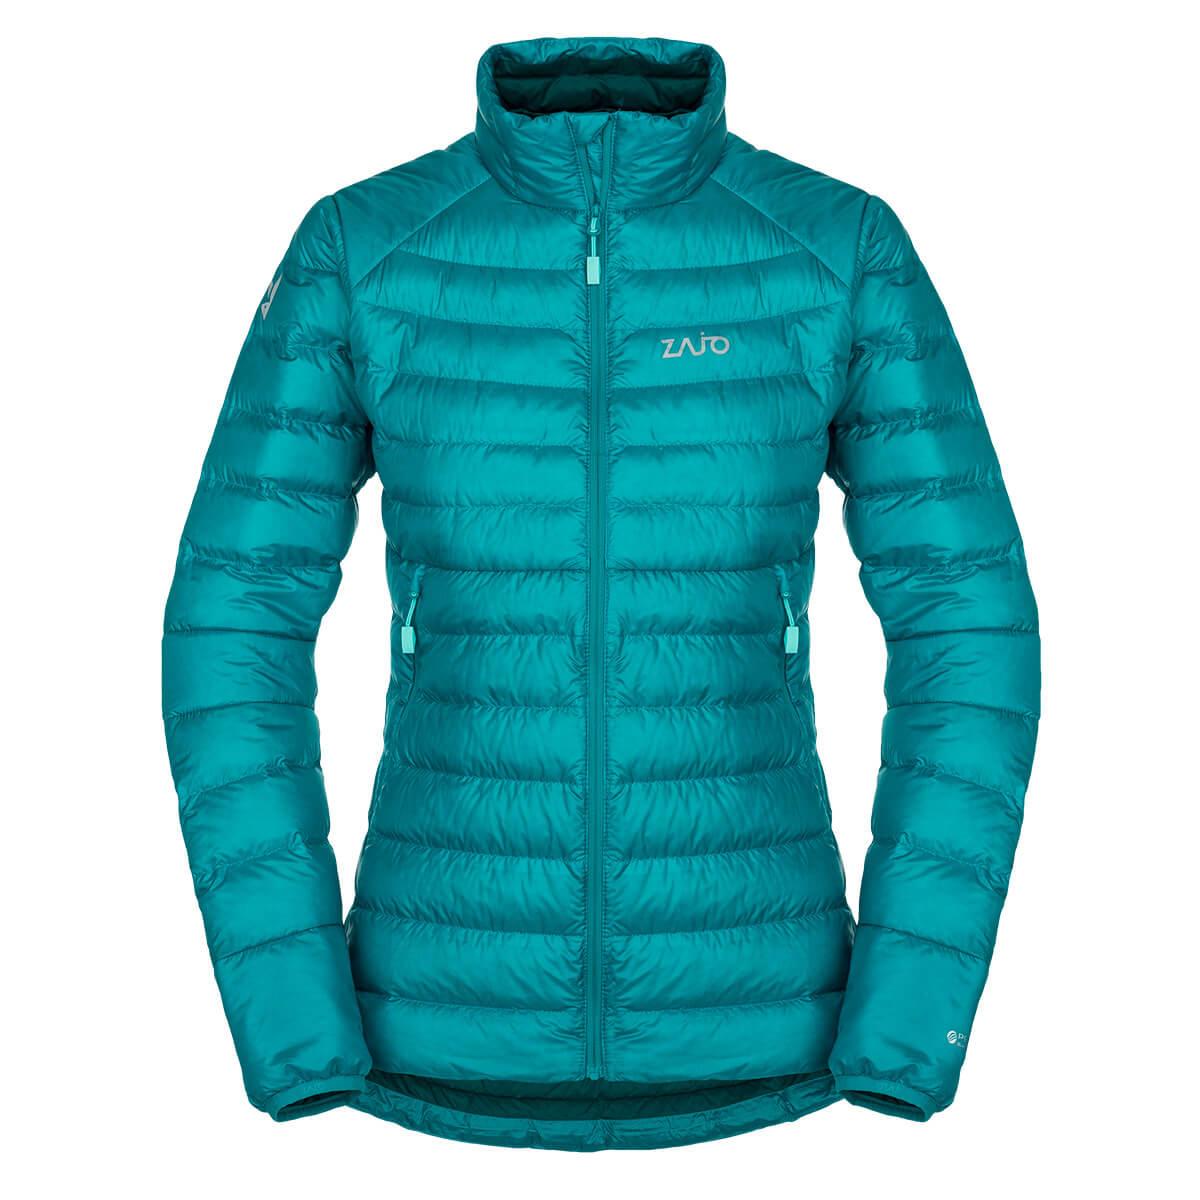 Dámska bunda Zajo Livigno W NH JKT Enamel Blue - veľkosť XS